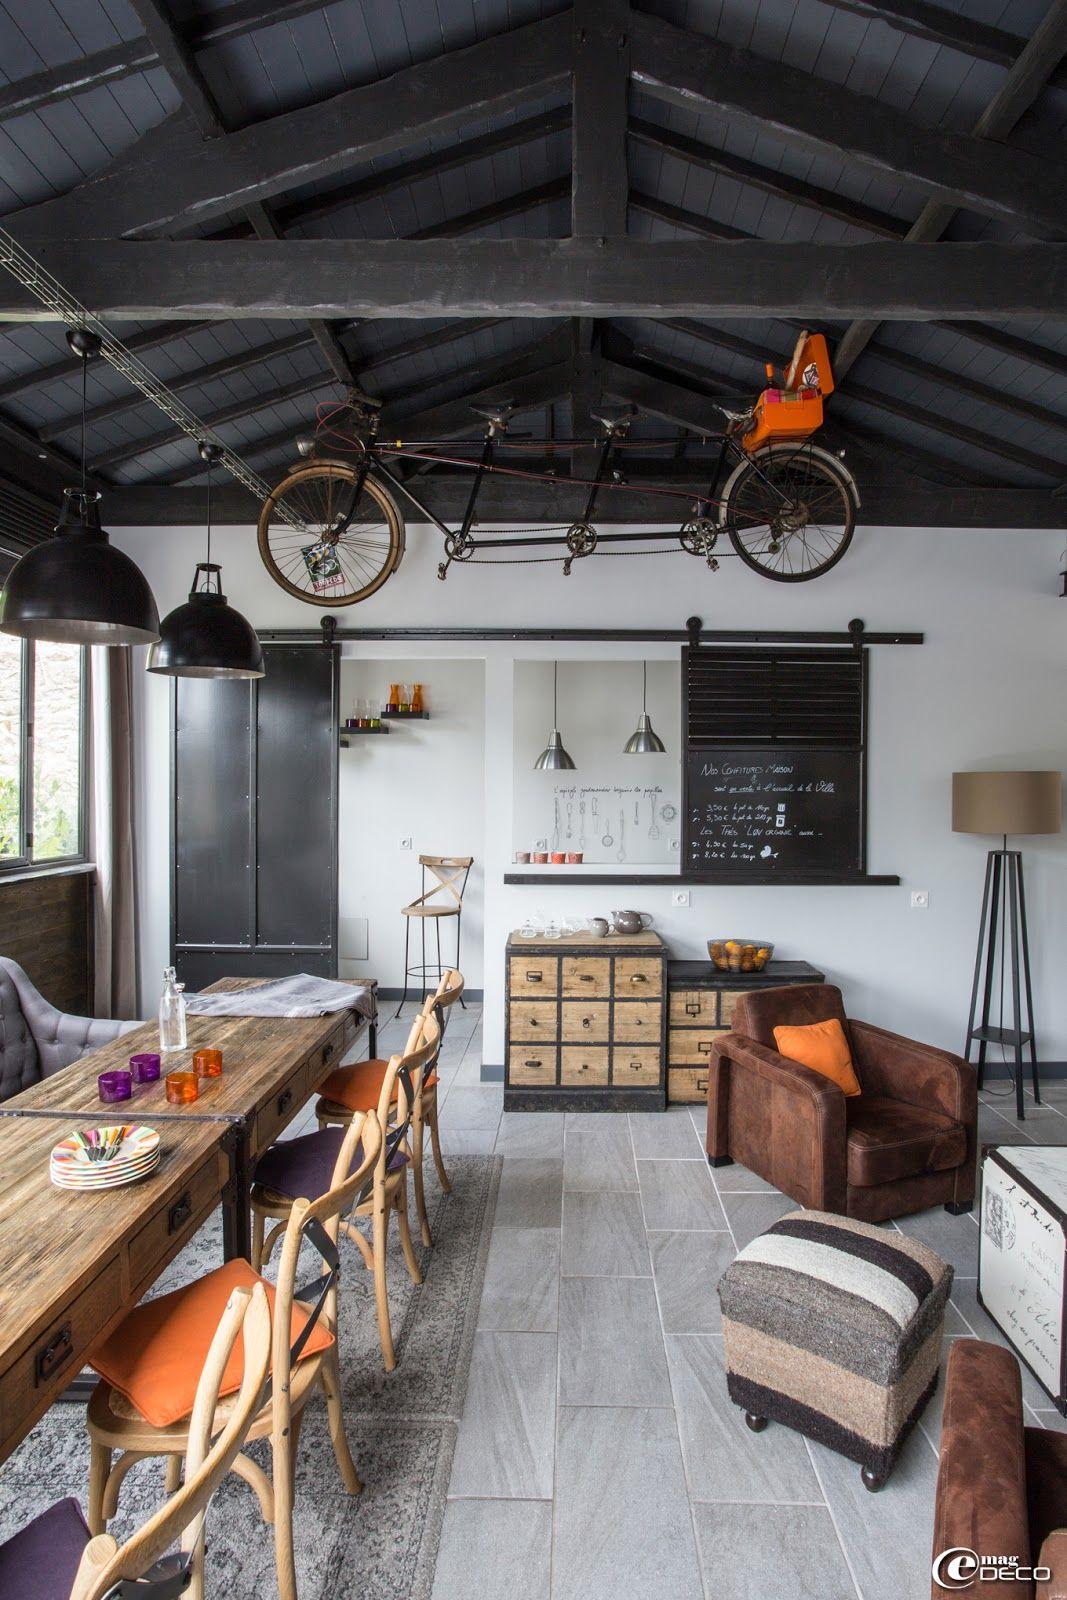 e magdeco magazine de d coration escalier d coration industrielle pinterest deco esprit. Black Bedroom Furniture Sets. Home Design Ideas